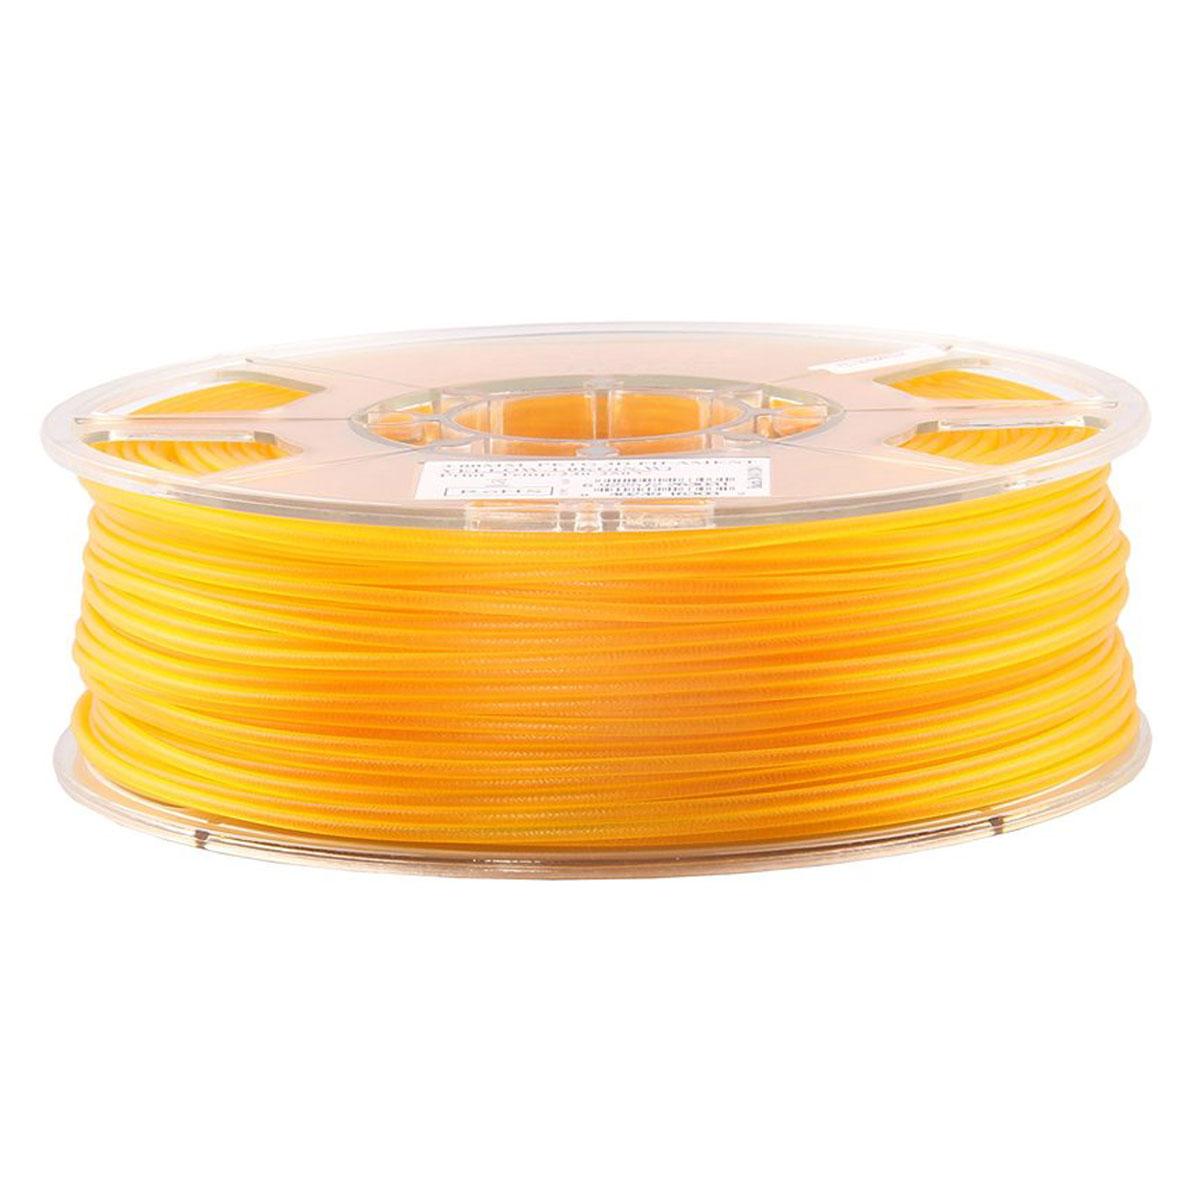 ESUN пластик PLA в катушке, Yellow, 1,75 ммPLA175Y1Пластик PLA от ESUN долговечный и очень прочный полимер, ударопрочный, эластичный и стойкий к моющим средствам и щелочам. Один из лучших материалов для печати на 3D принтере. Пластик не имеет запаха и не является токсичным. Температура плавления190-220°C. PLA пластик для 3D-принтера применяется в деталях автомобилей, канцелярских изделиях, корпусах бытовой техники, мебели, сантехники, а также в производстве игрушек, сувениров, спортивного инвентаря, деталей оружия, медицинского оборудования и прочего.Диаметр нити: 1.75 мм